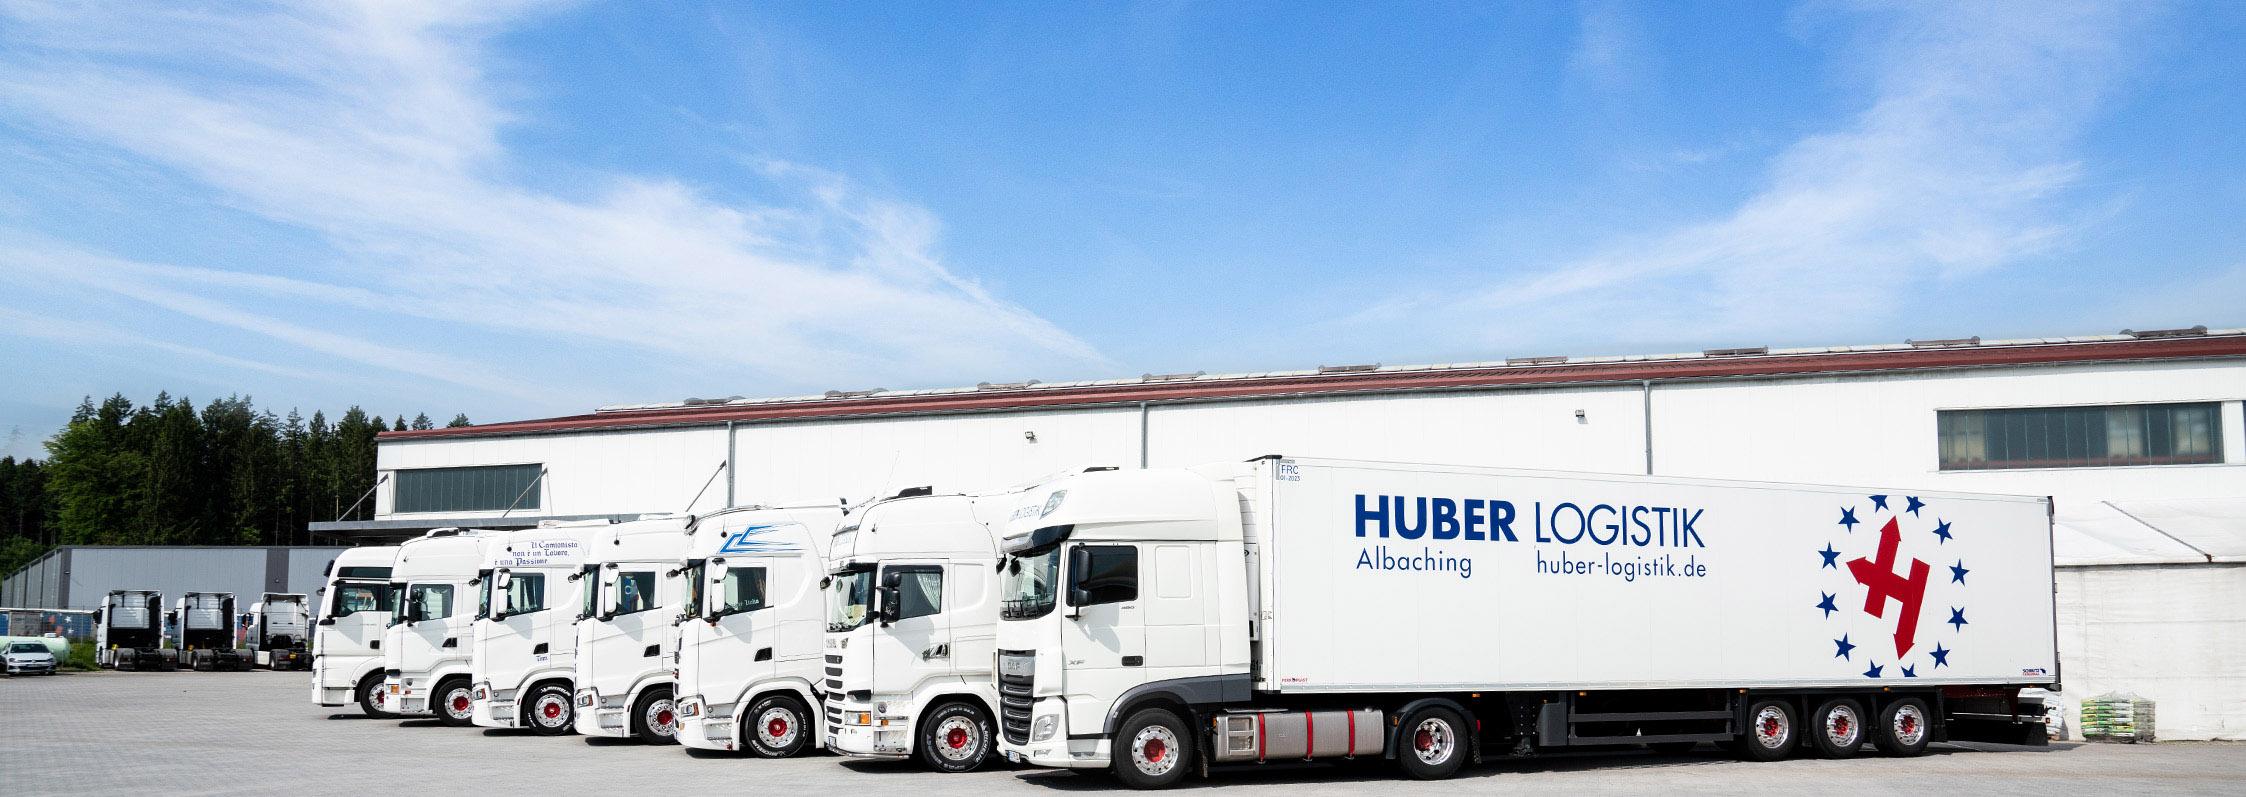 Erneute Fuhrparkerweiterung - Huber Logistik